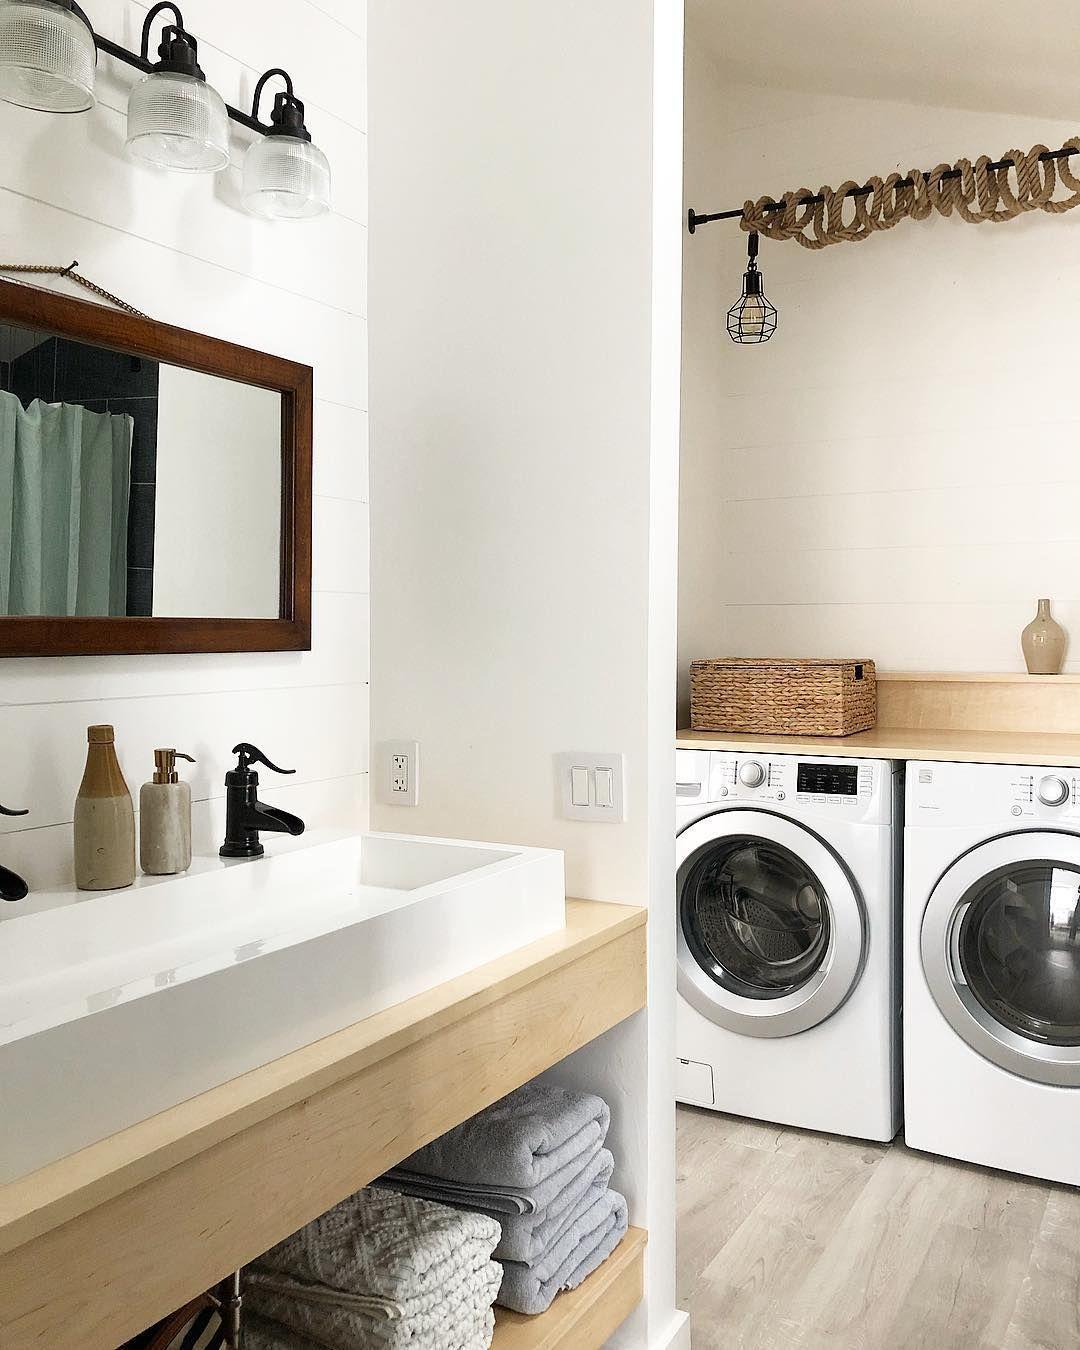 Felesha Mcafee On Instagram Laundry Bathroom Combo Renovation